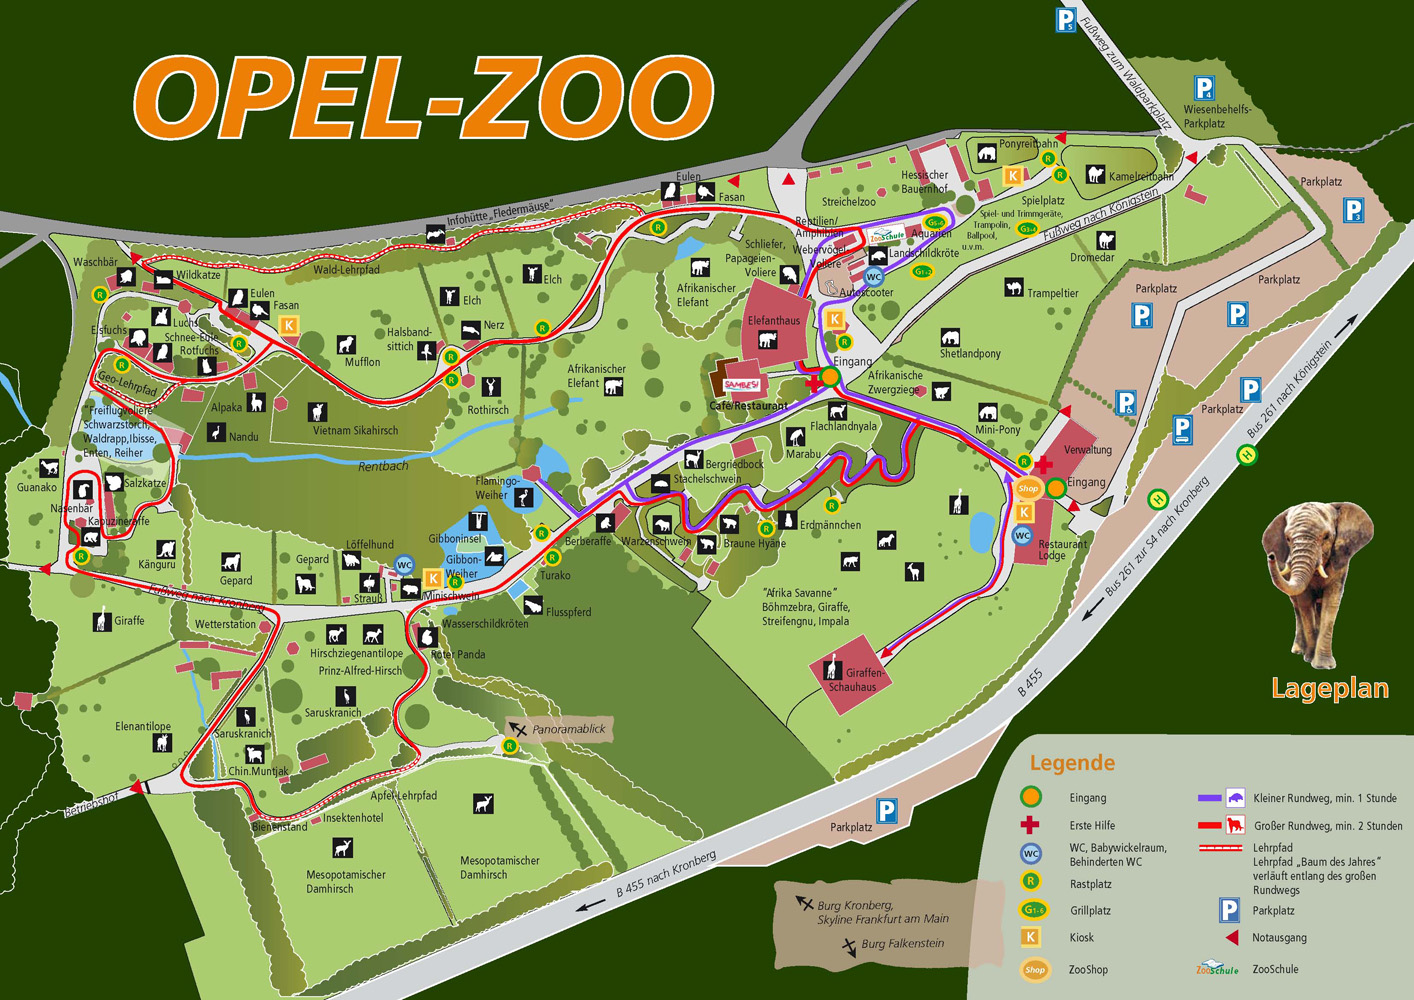 les zoos dans le monde - opel-zoo